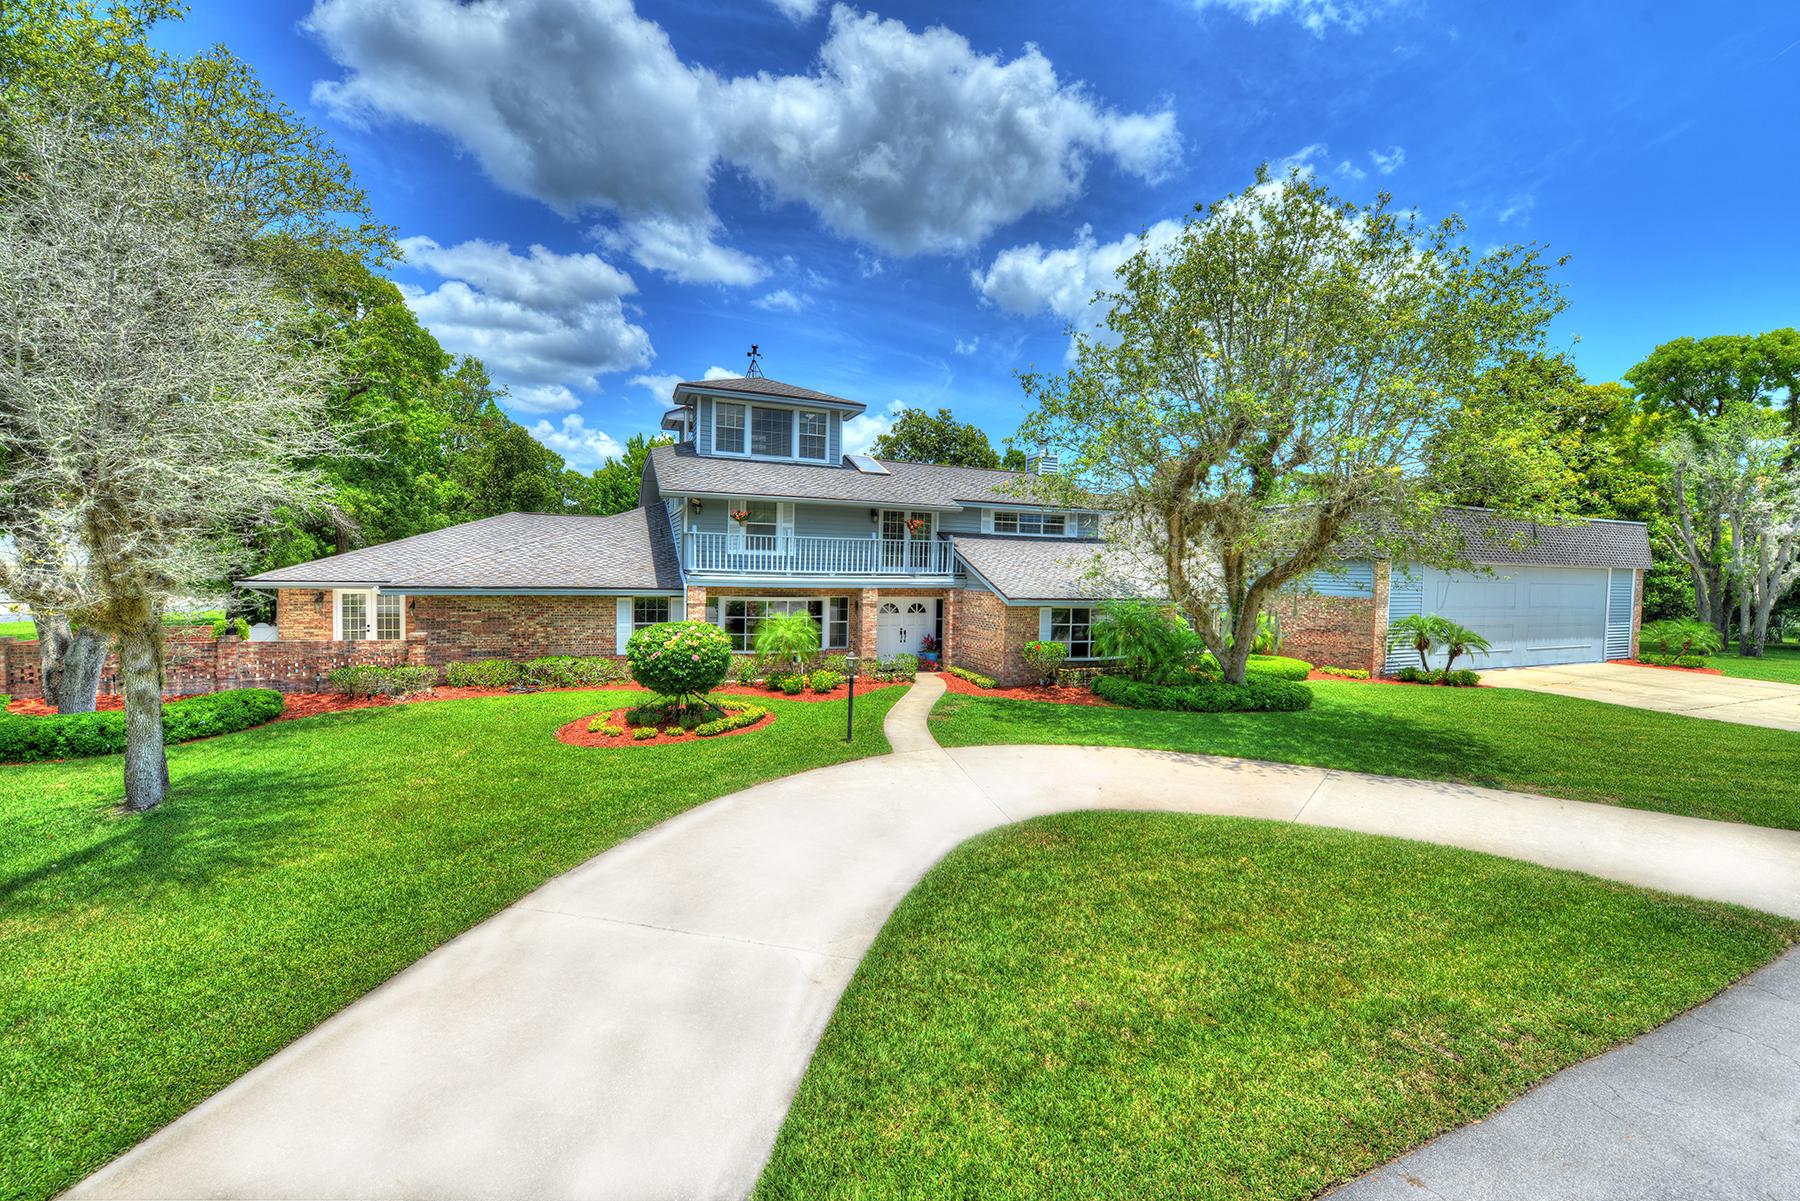 独户住宅 为 销售 在 SPRUCE CREEK AND THE BEACHES 2550/2551 Cross Country Dr 帕特奥兰治, 佛罗里达州, 32128 美国